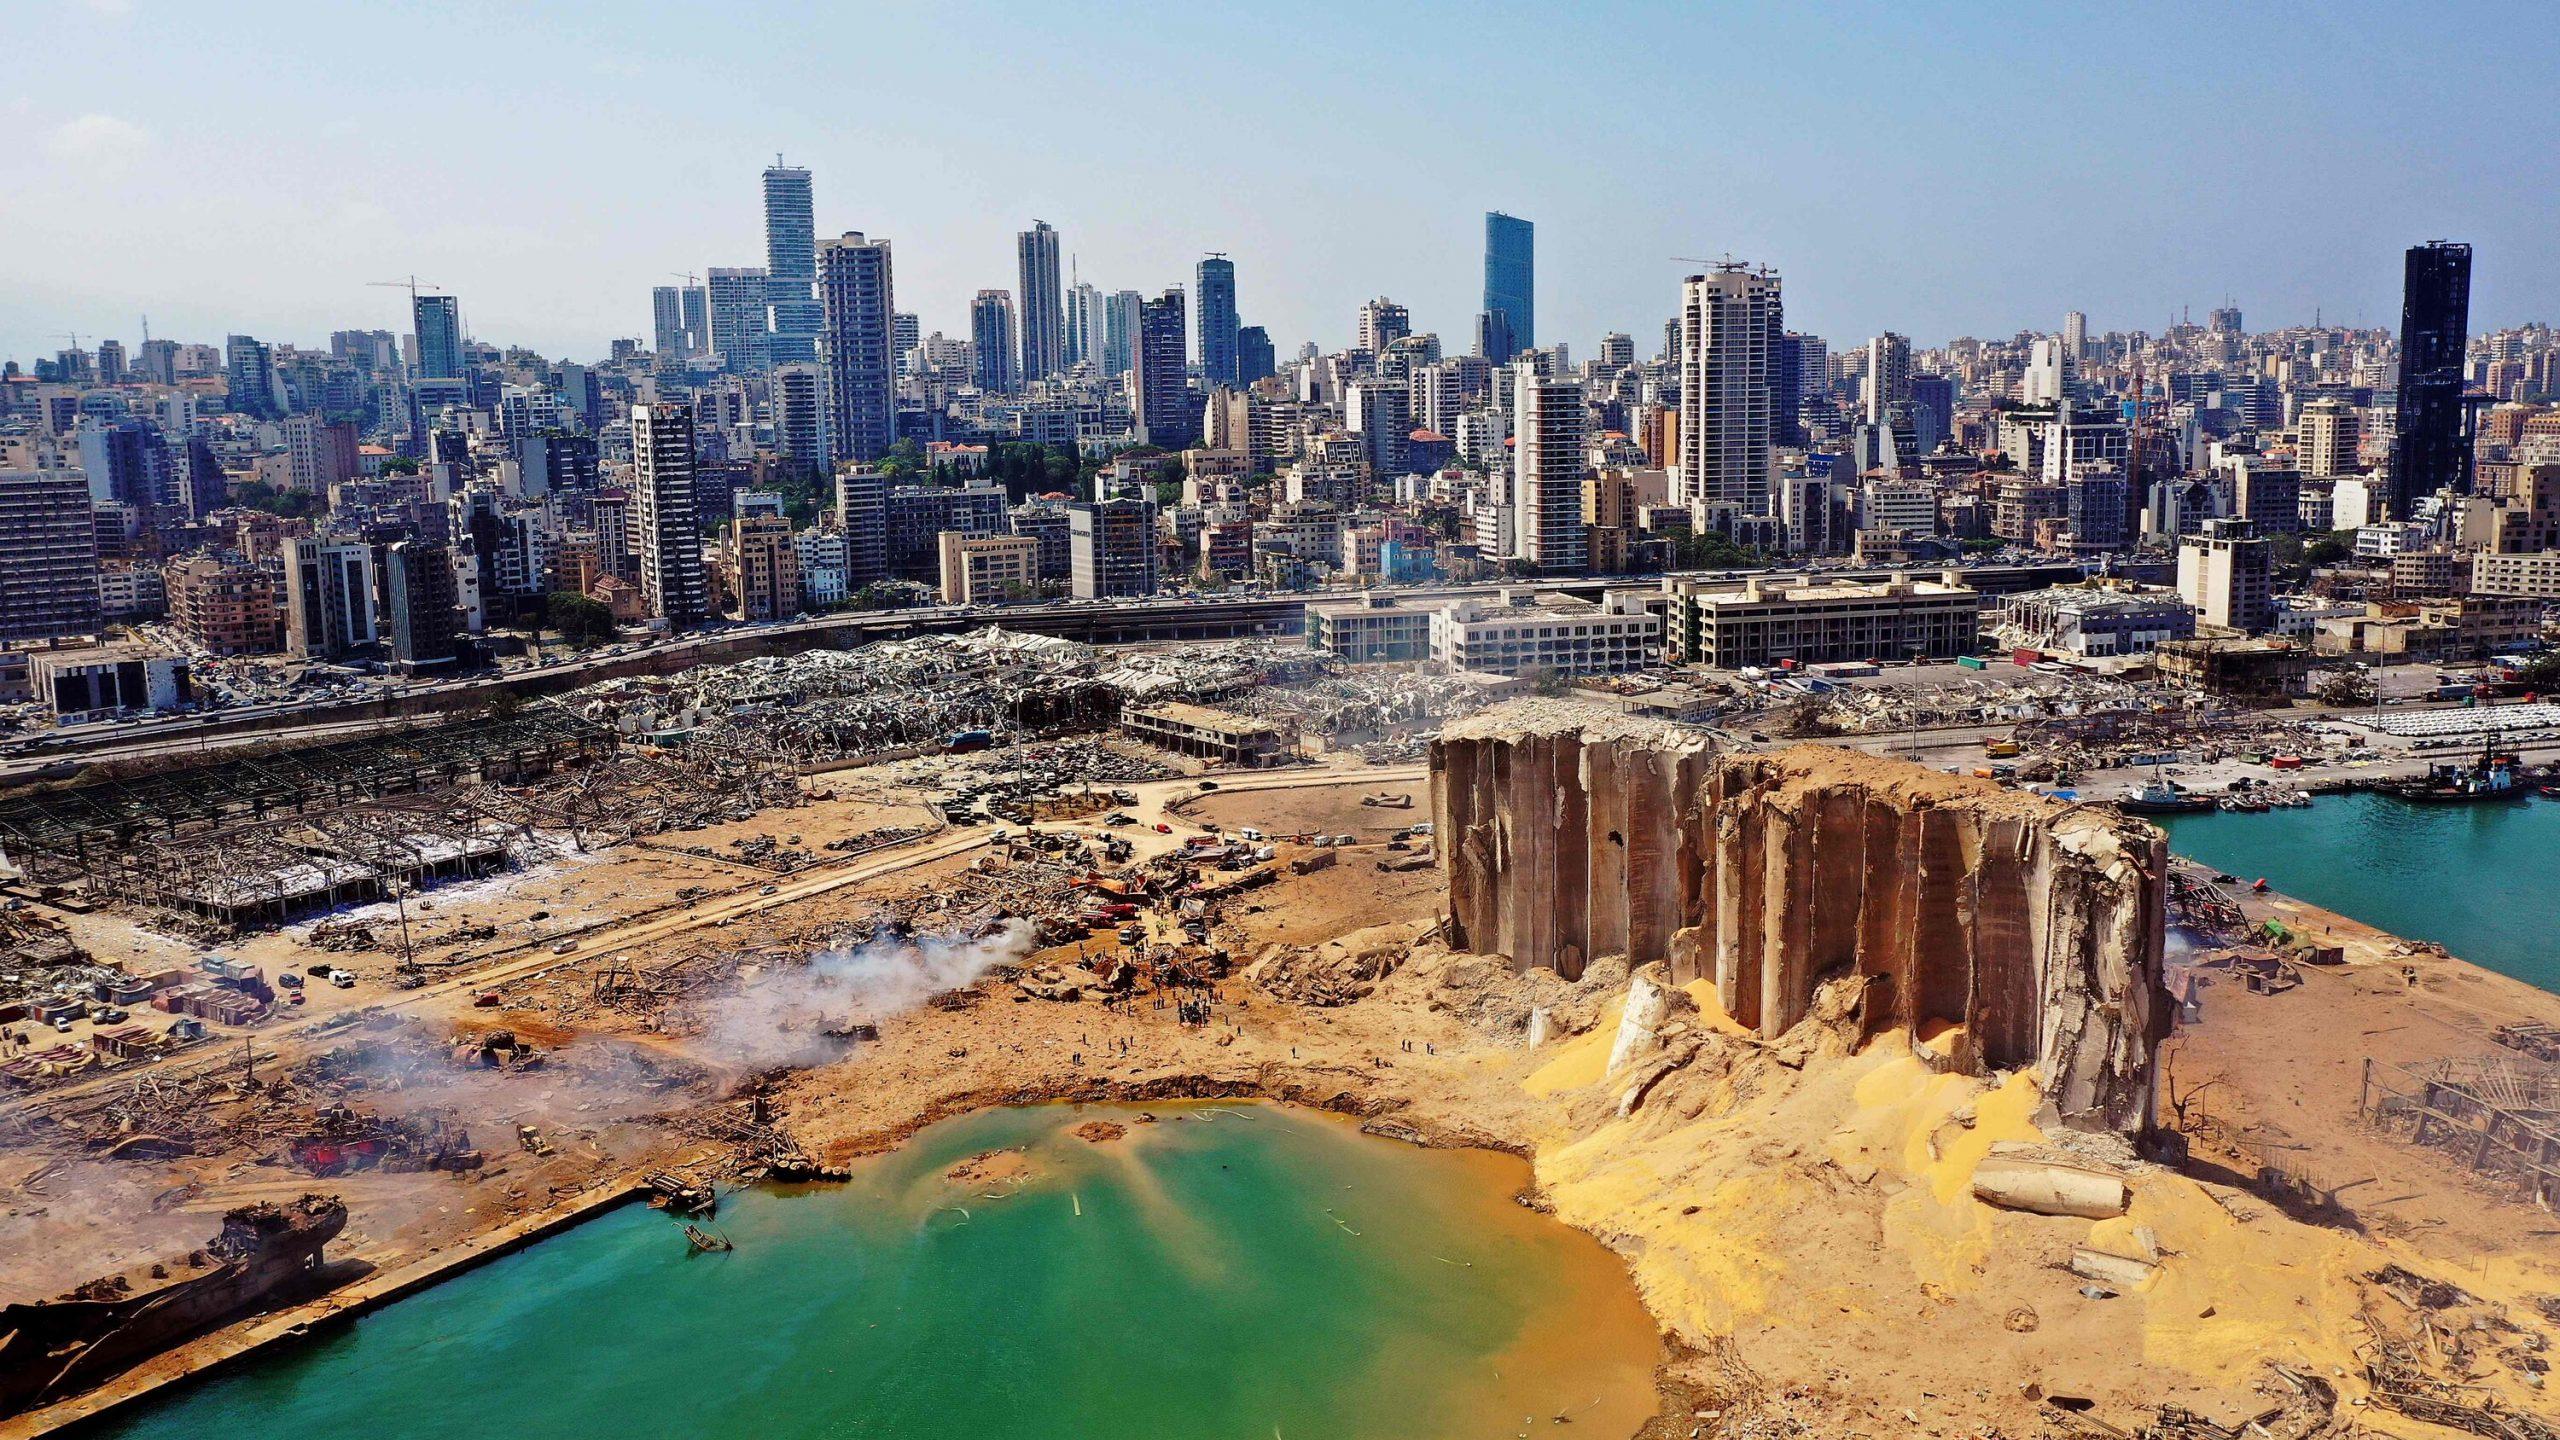 बेरुत विस्फोटन पछि लेबनानका तीन मन्त्रीद्धारा राजिनामा